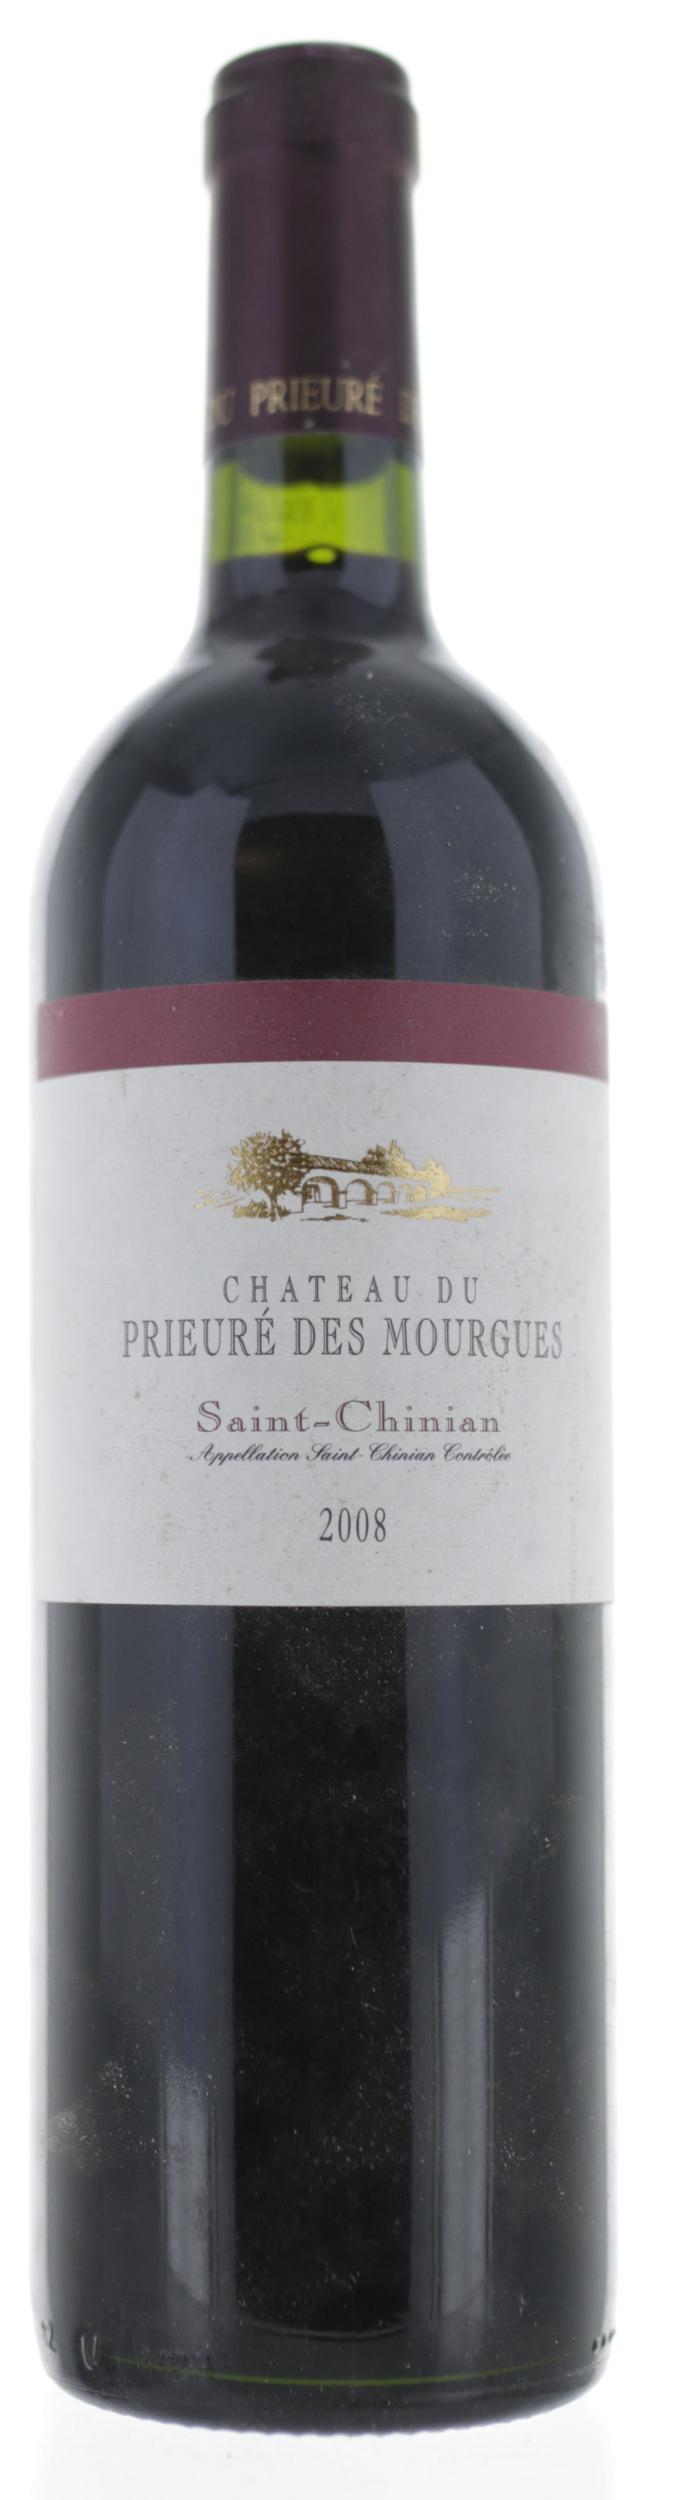 Saint Chinian - Château Prieuré des Mourgues - 2008